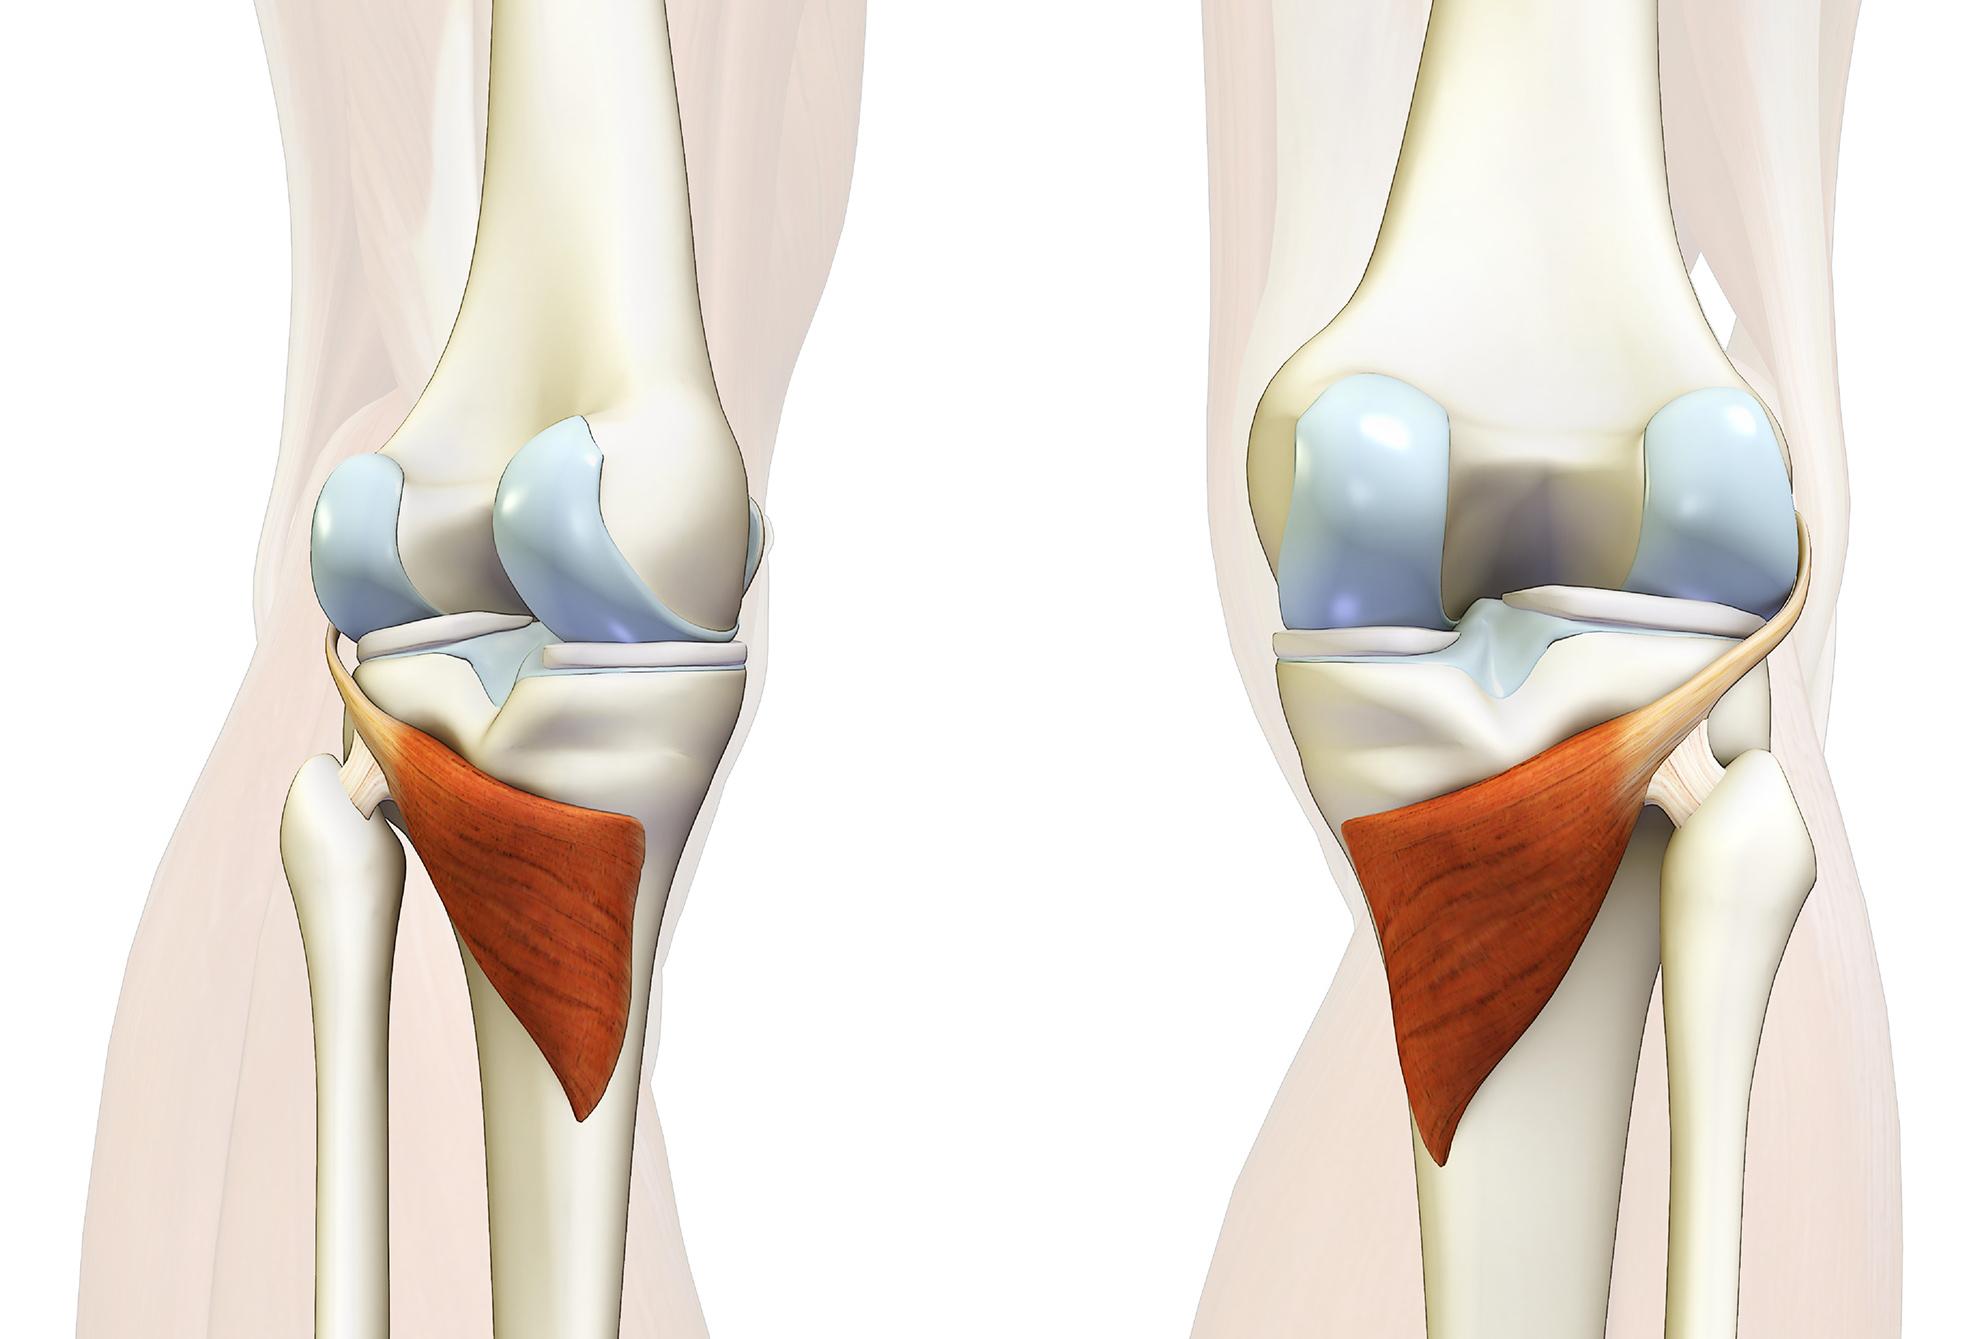 膝が痛い!そんな時にほぐしたい筋肉その3【膝窩筋】